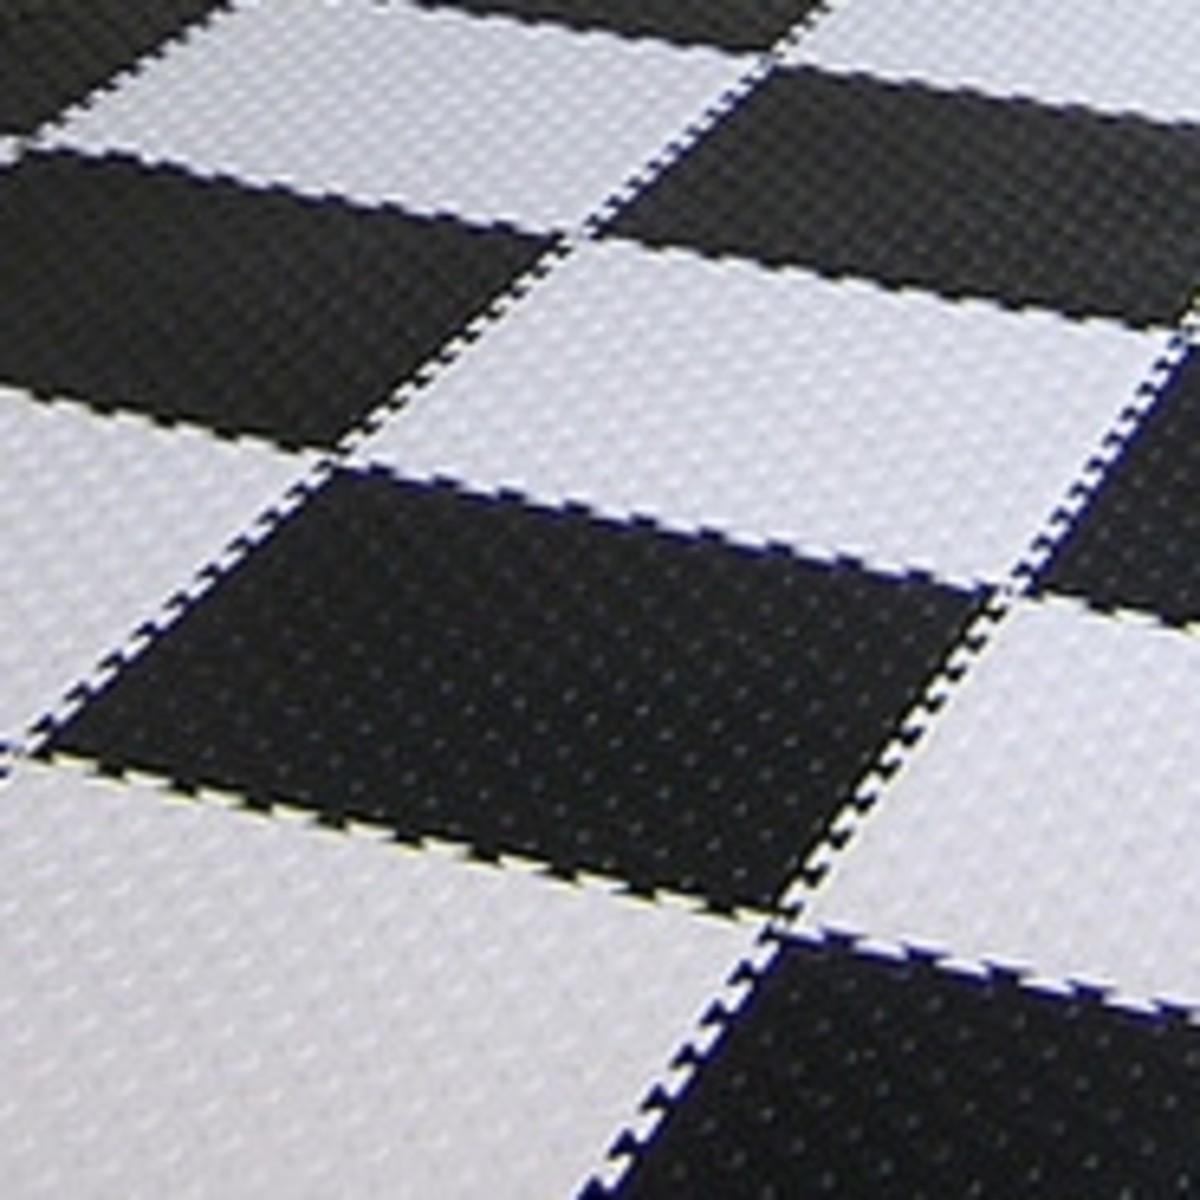 PVC - polyvinyl chloride